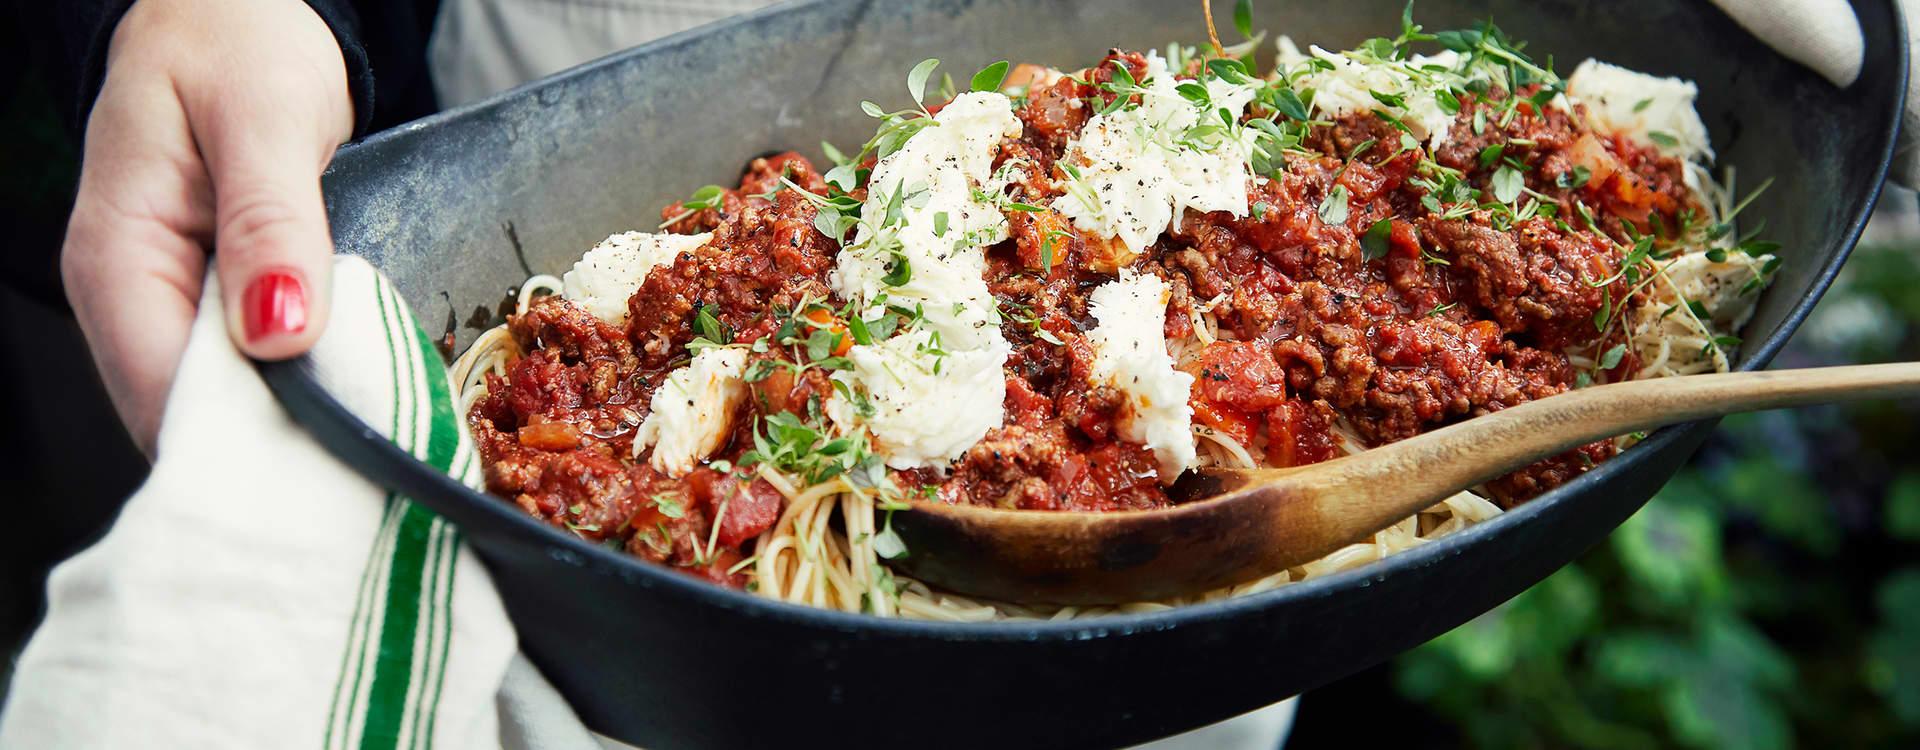 Enkel spaghetti «bolognese» med mozzarella